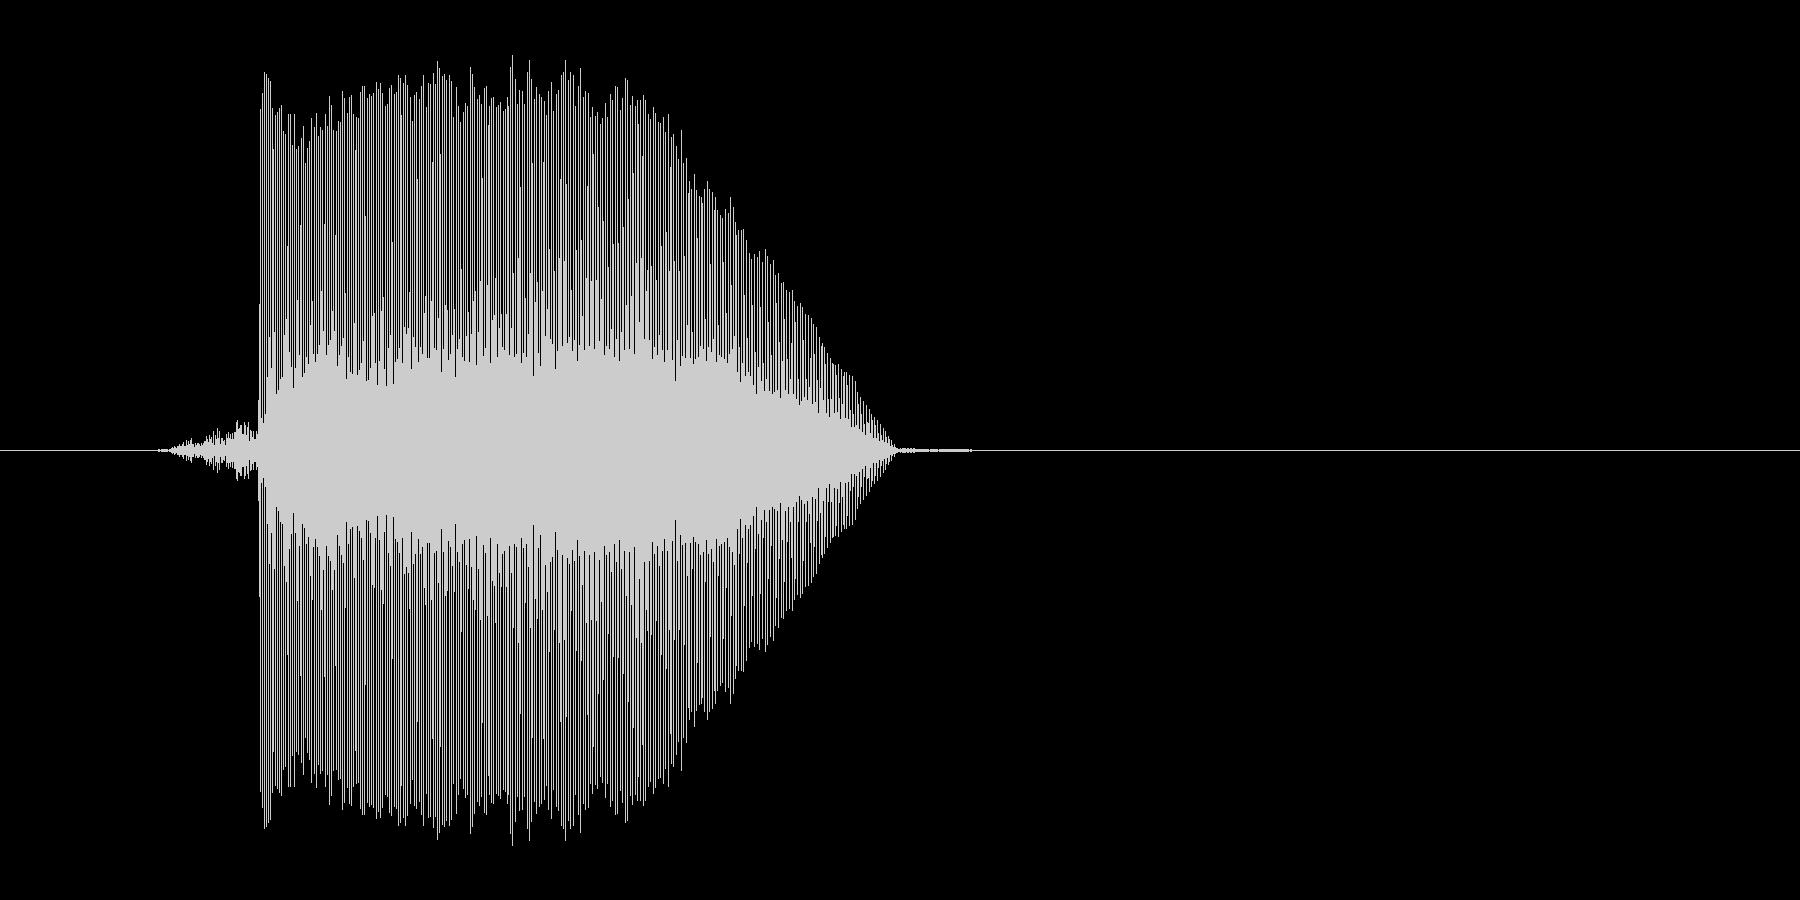 ゲーム(ファミコン風)レーザー音_023の未再生の波形